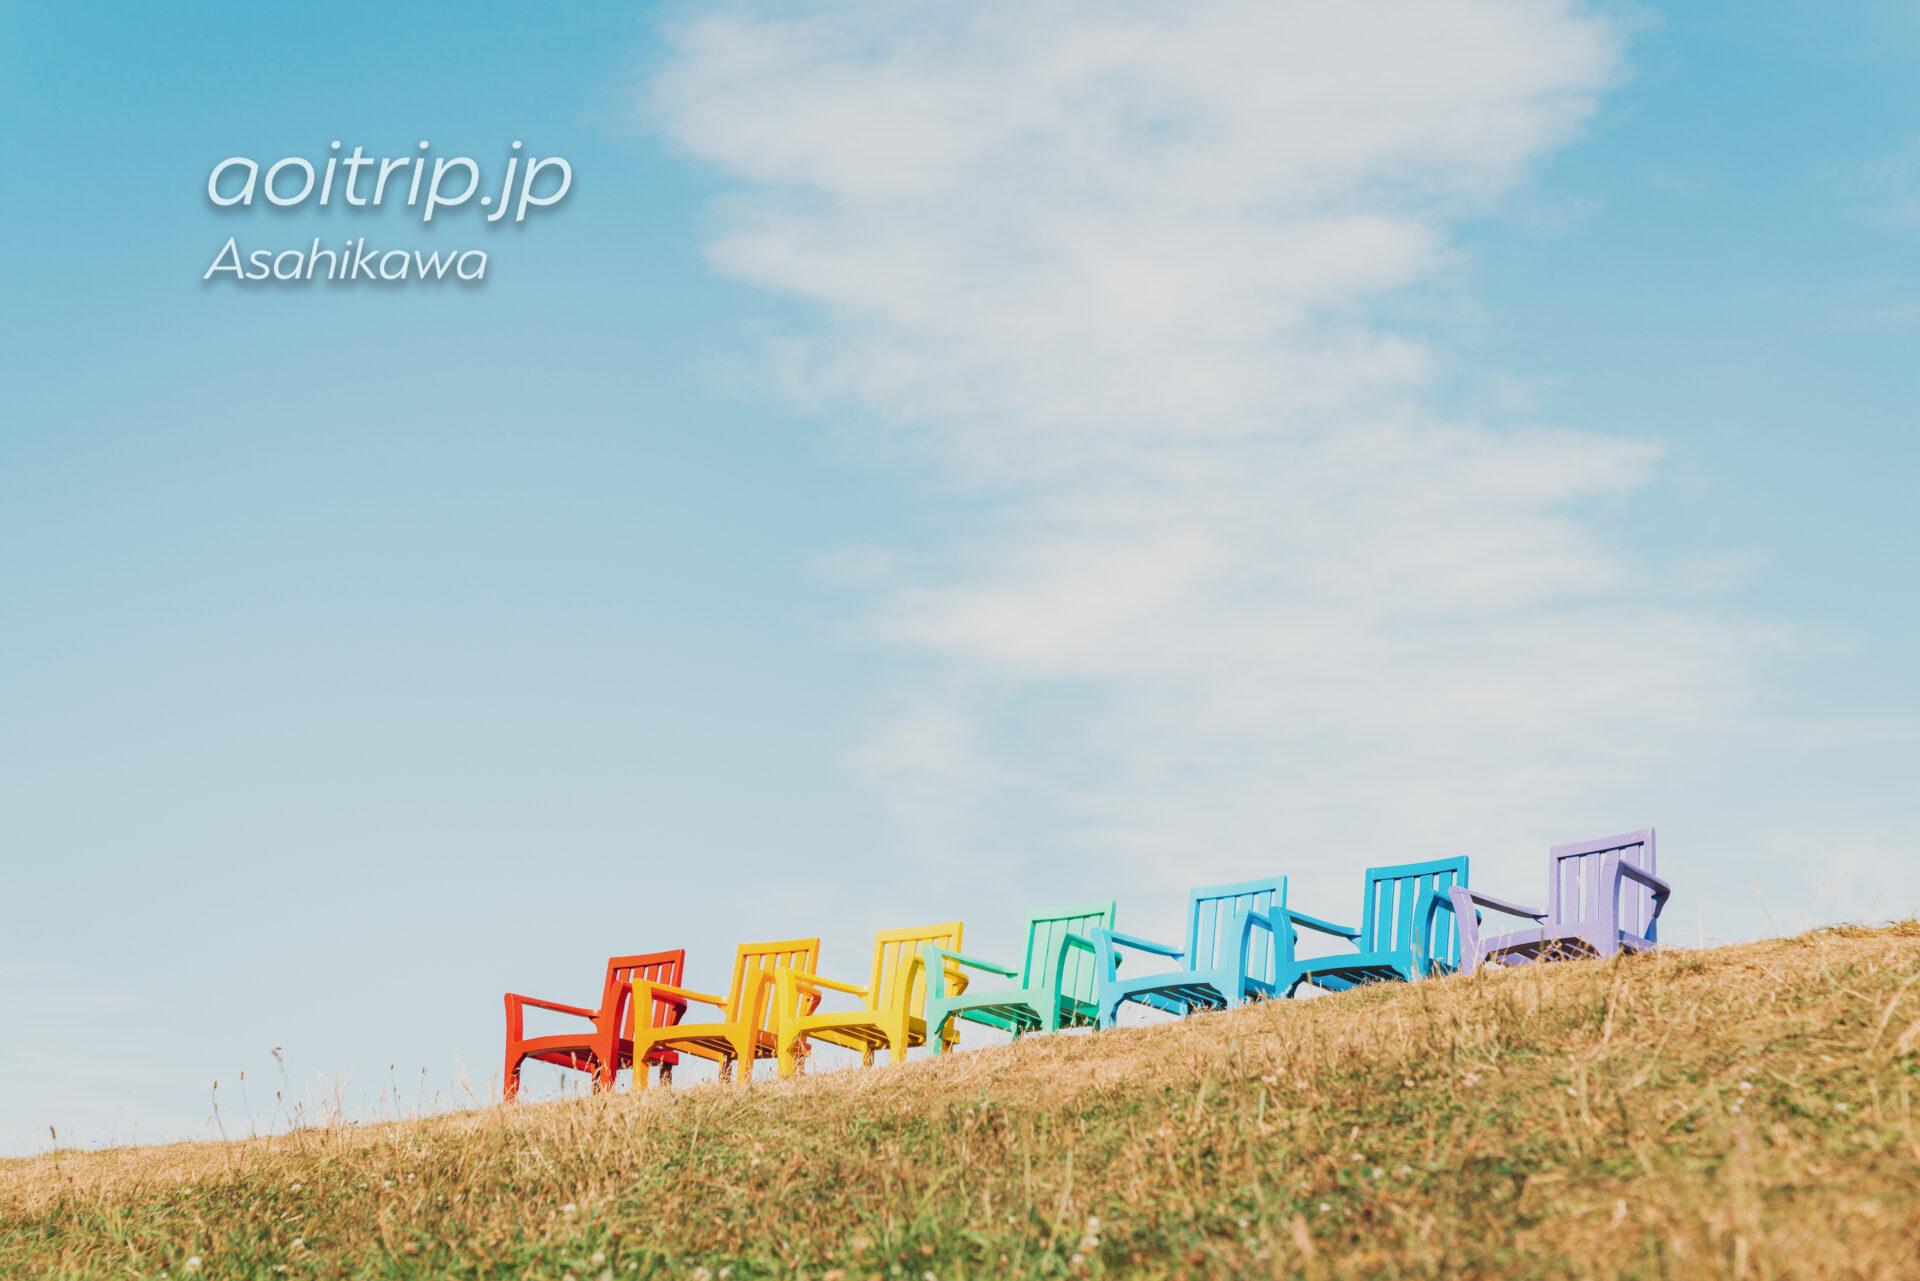 旭川の上野ファーム 射的山の7色の椅子